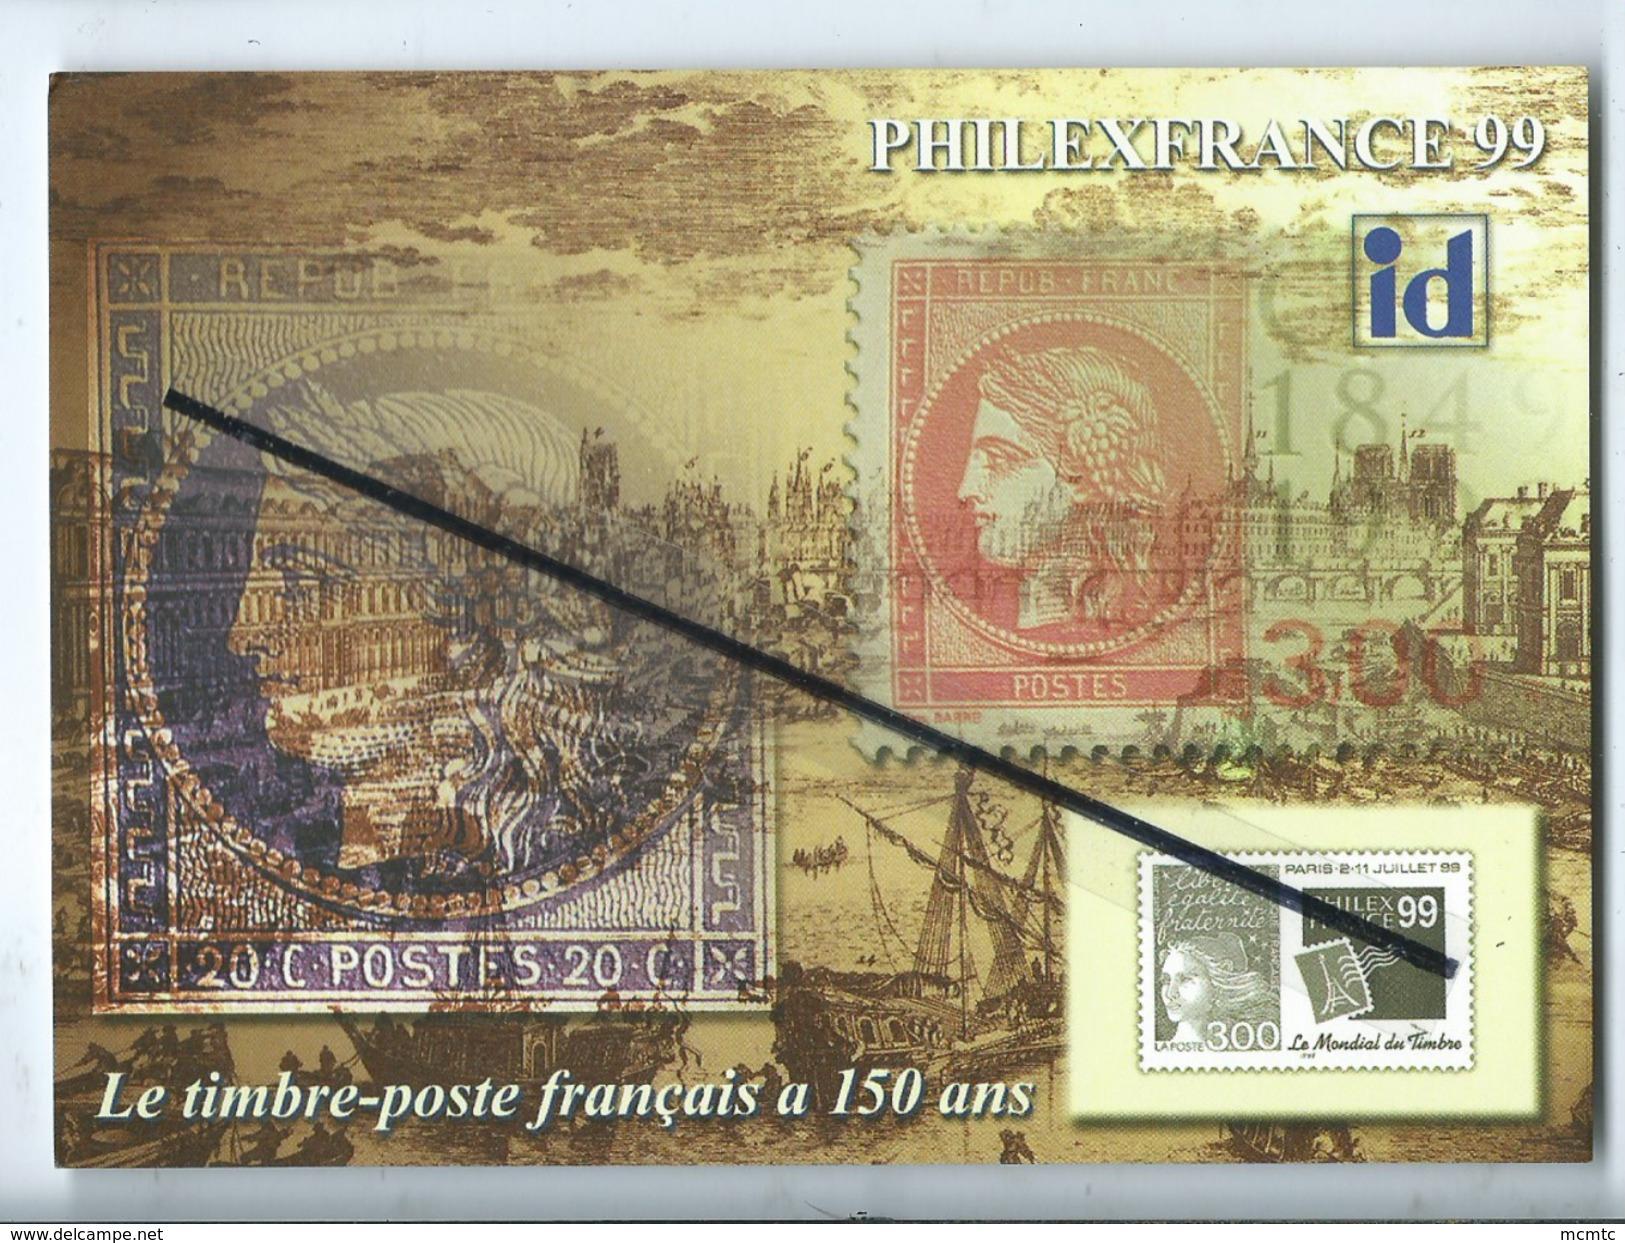 Carte Moderne - Philexfrance 99 - Le Timbre Poste Français à 150 Ans  -  Philexfrance 99 -  Paris 2 - 11 Juillet 1999 - Philatélie & Monnaies